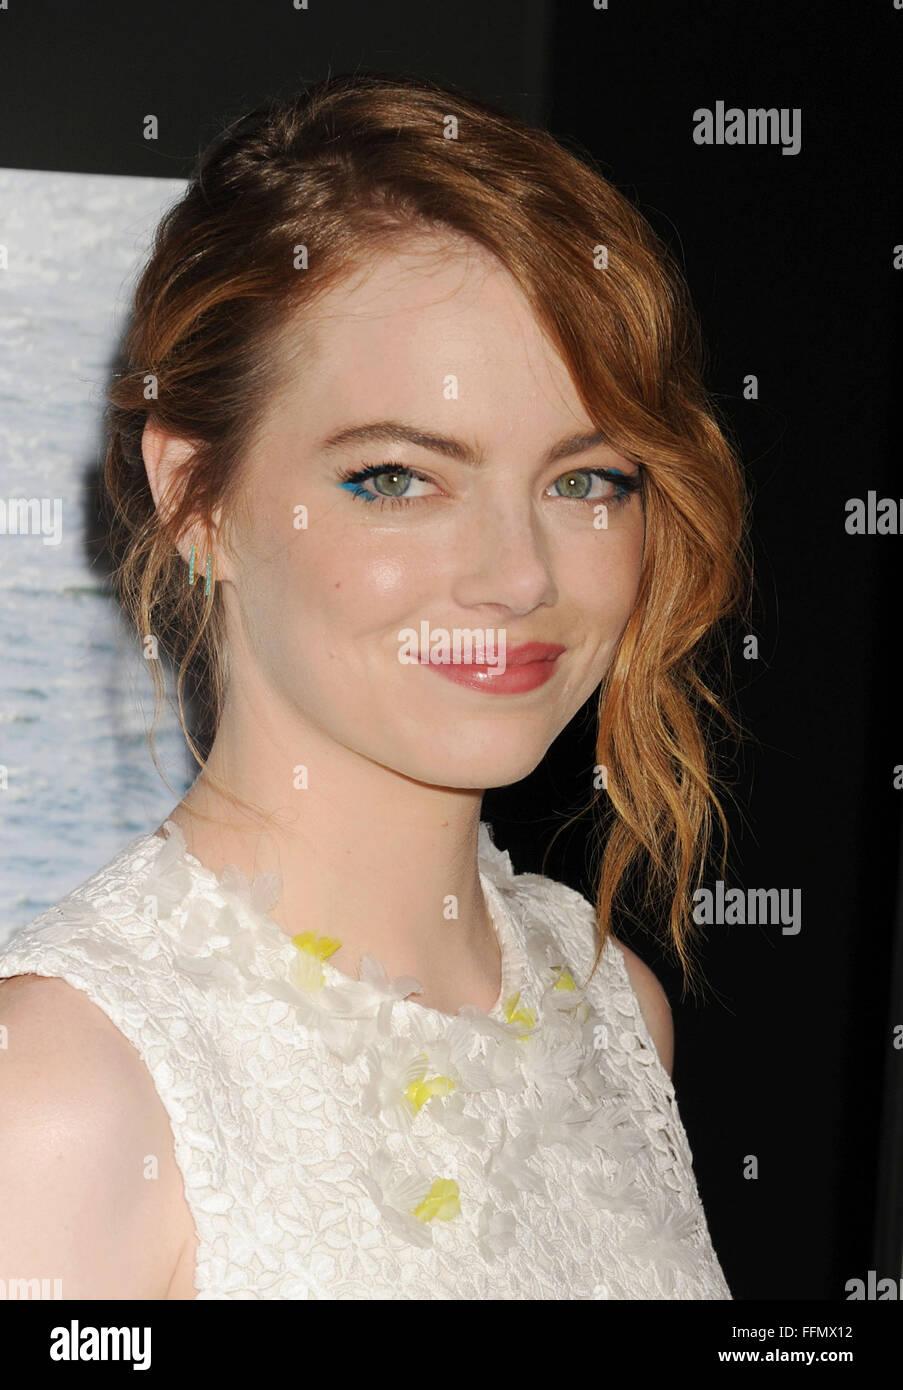 L'actrice Emma Stone arrive à la première de Sony Pictures Classics' 'homme' irrationnelle Photo Stock